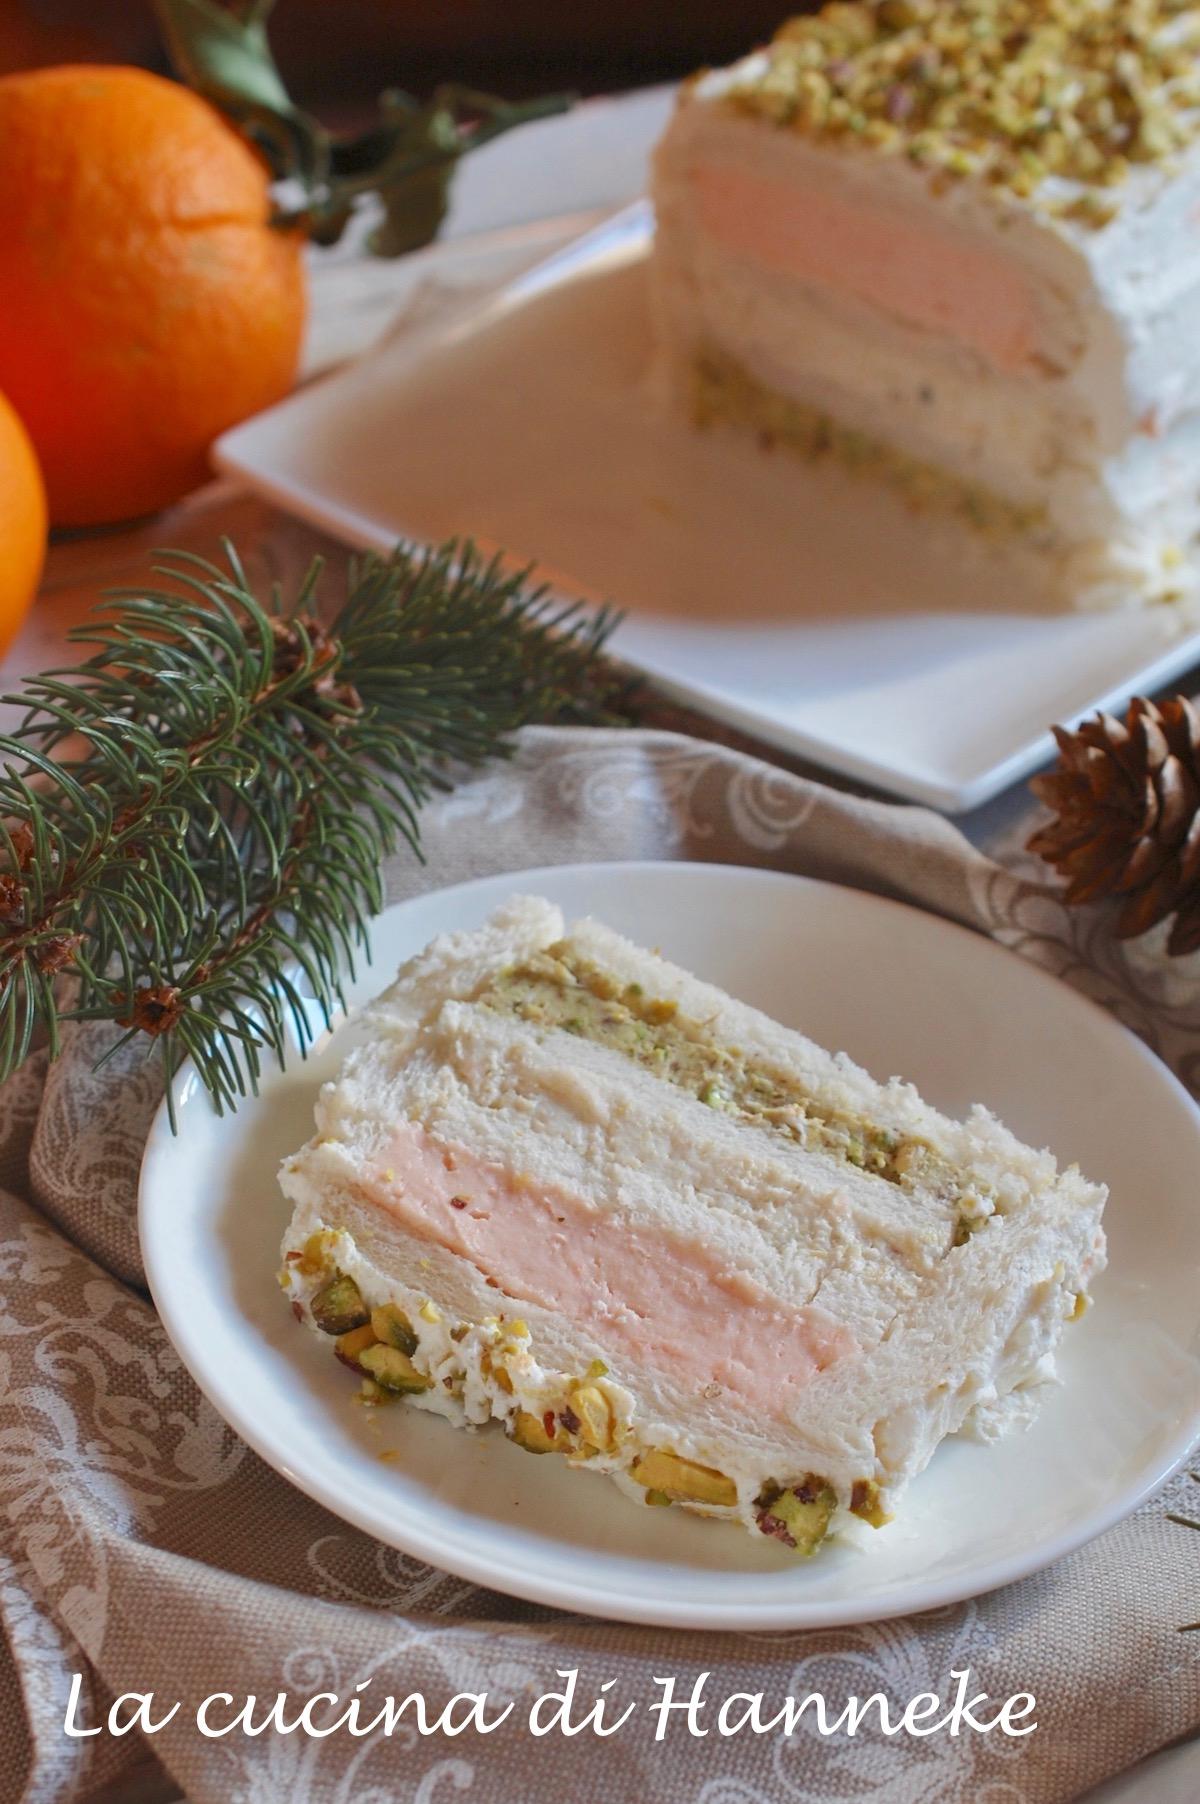 tronchetto al salmone e pistacchi ricetta natale feste carciofi pancarrè tramezzini